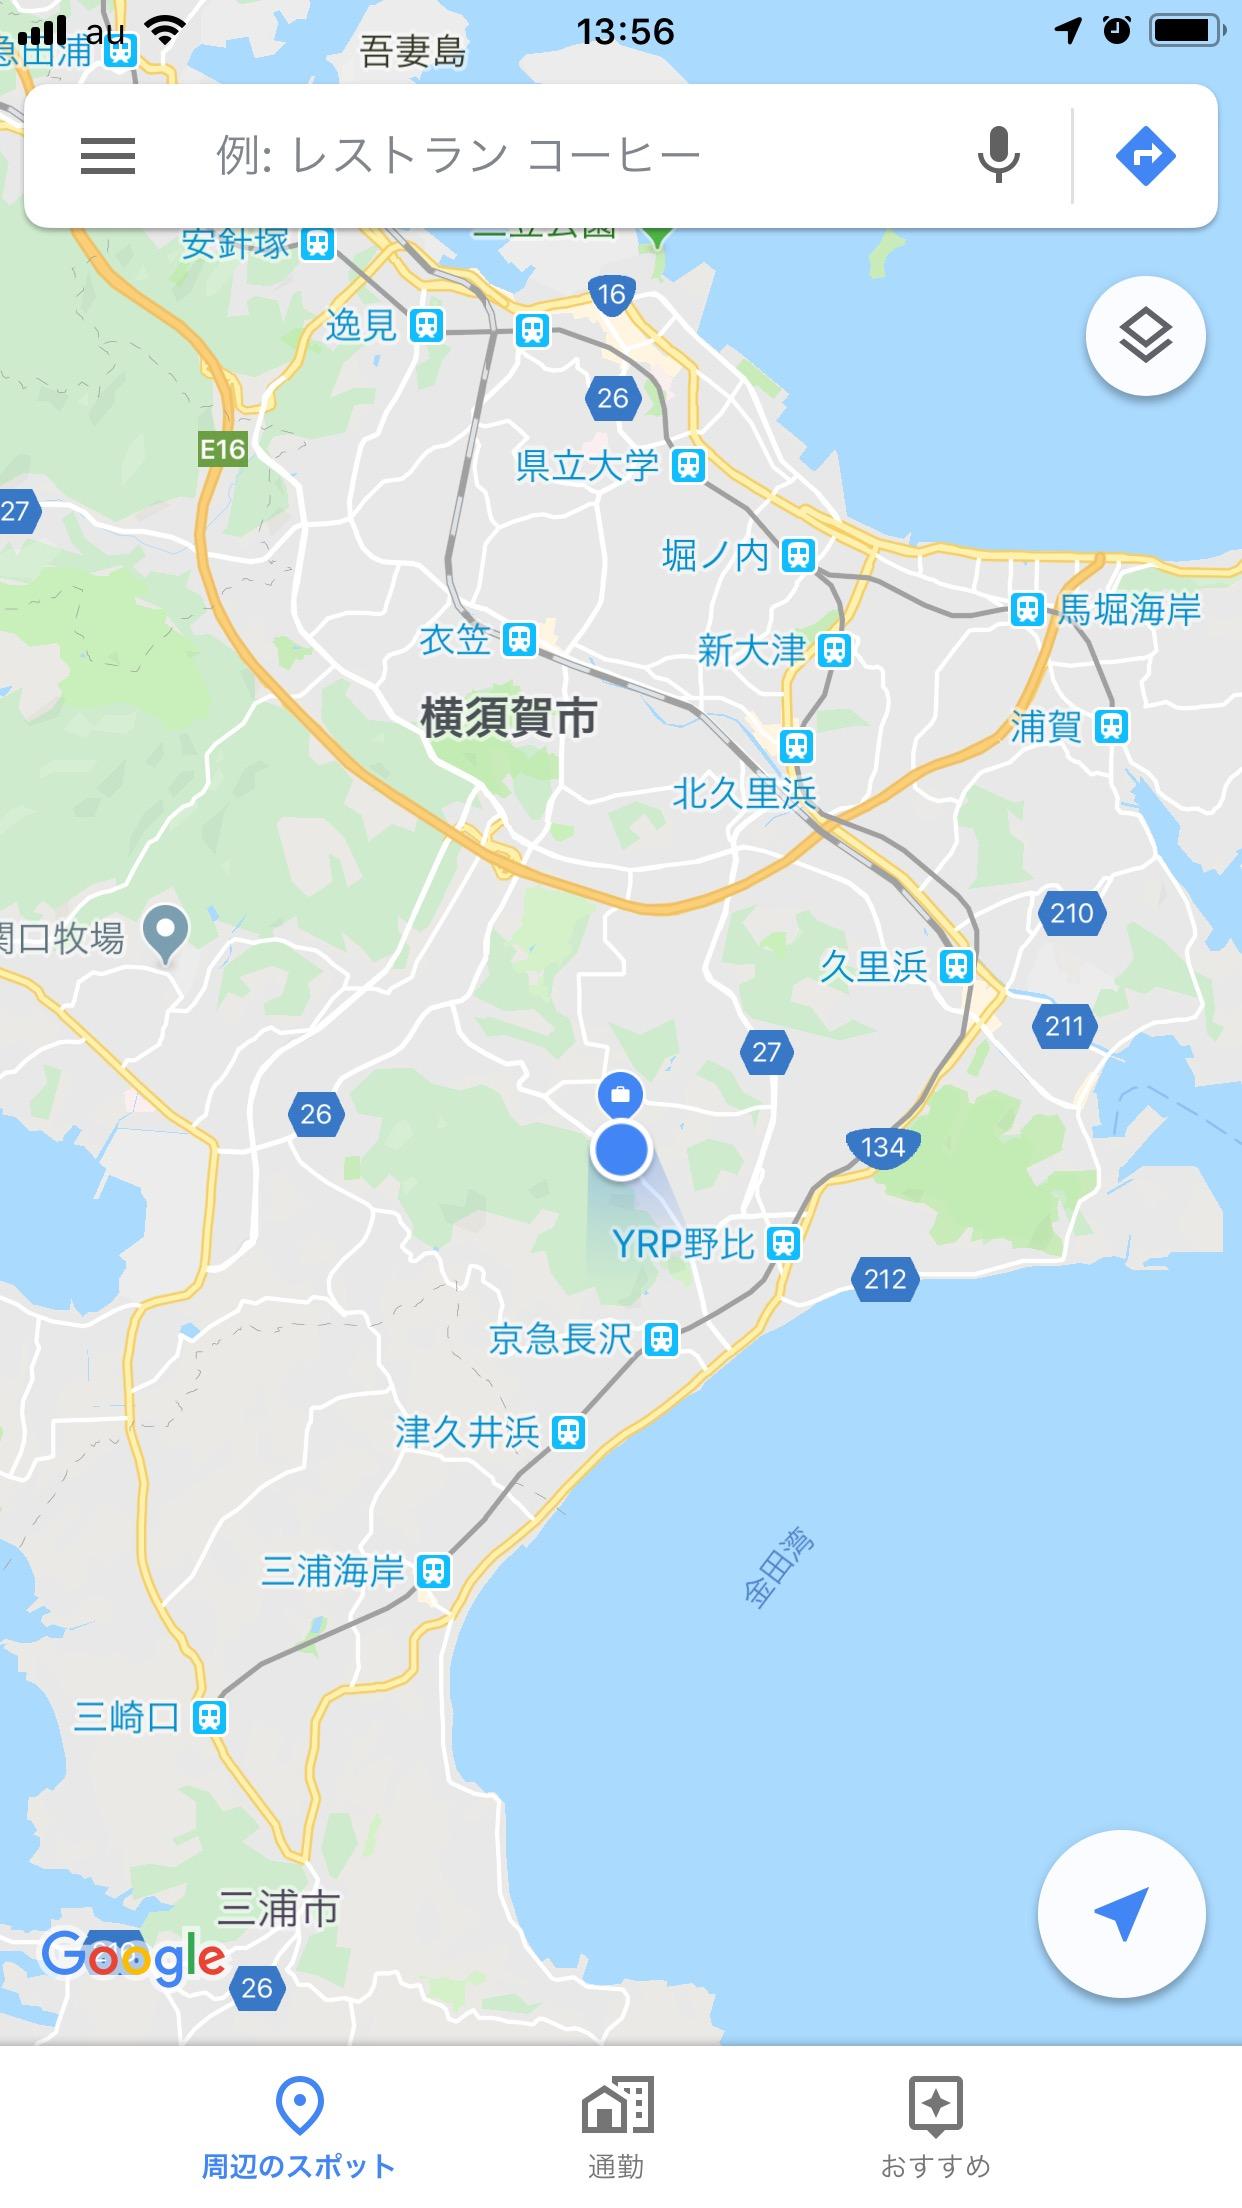 横須賀の秘境にある中尾建築工房のマップ